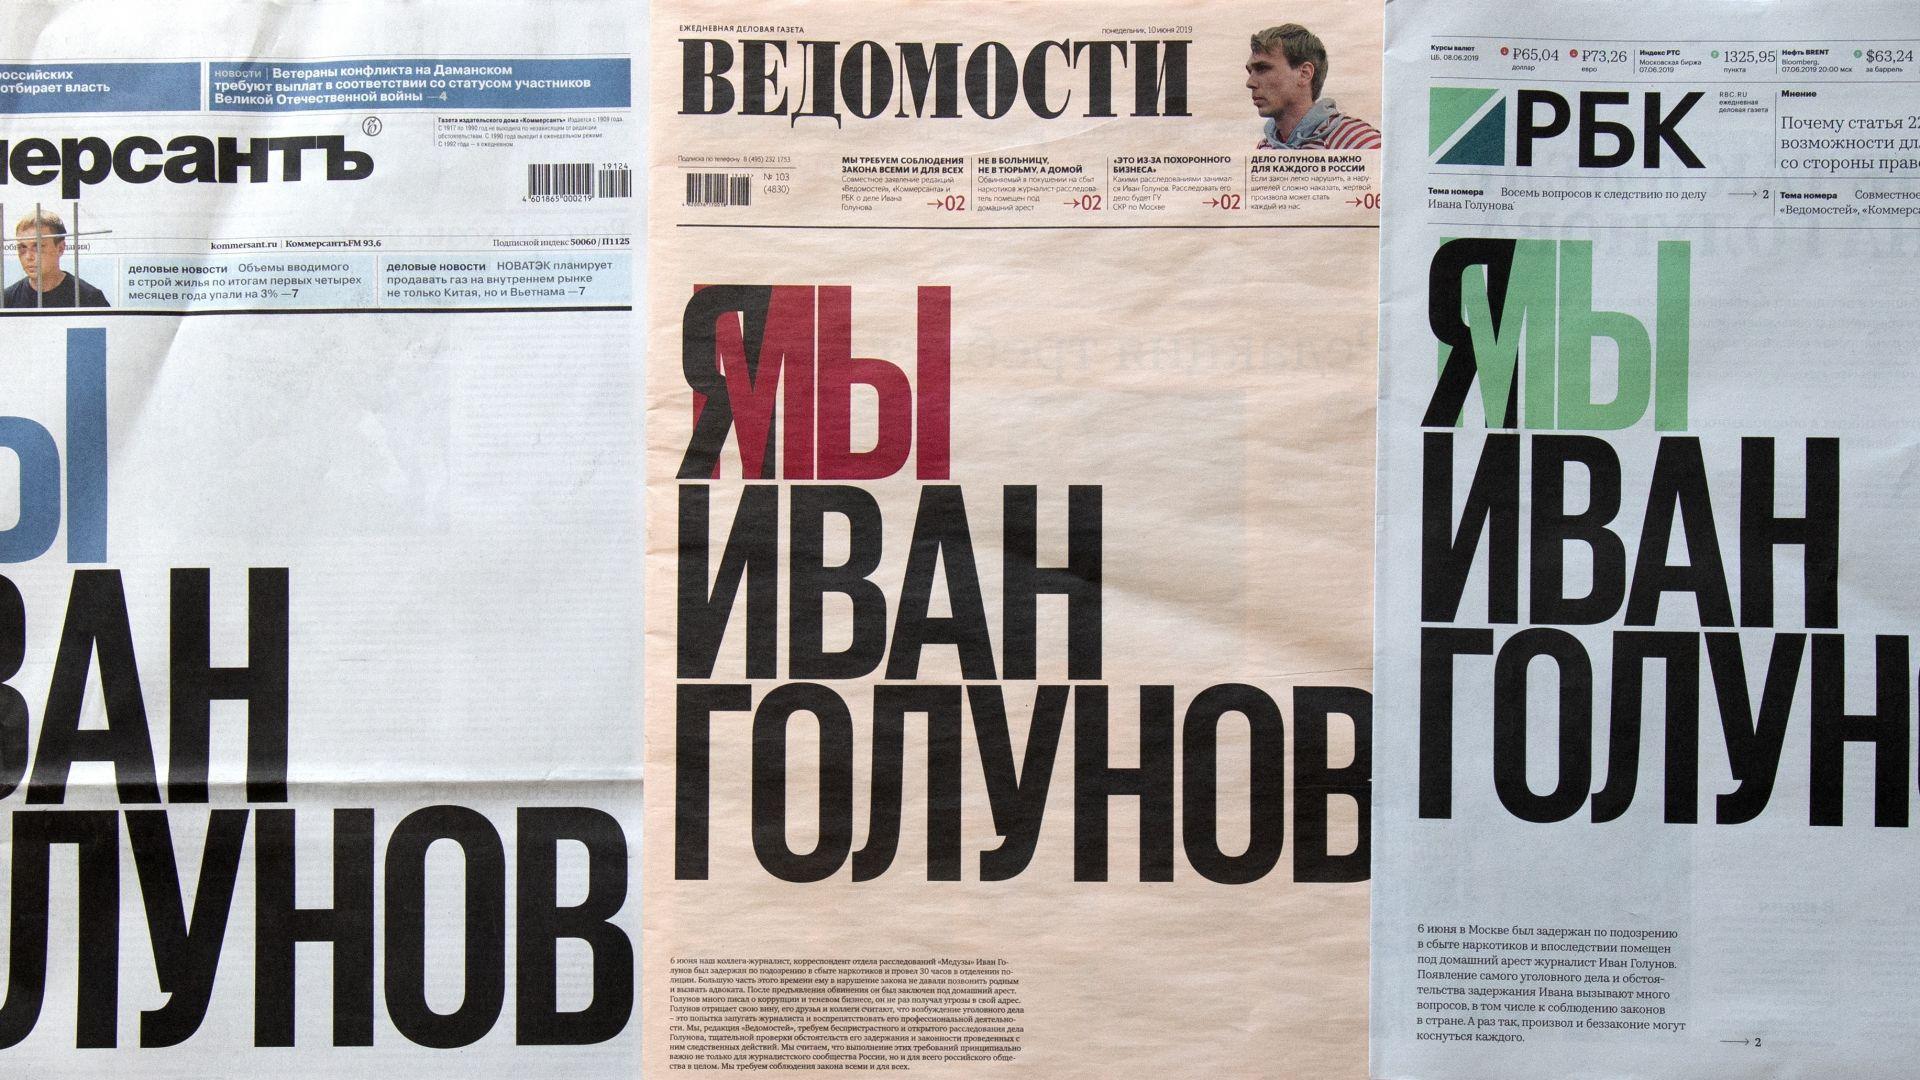 Водещи руски вестници защитиха задържания разследващ журналист: Ние сме Иван Голунов!